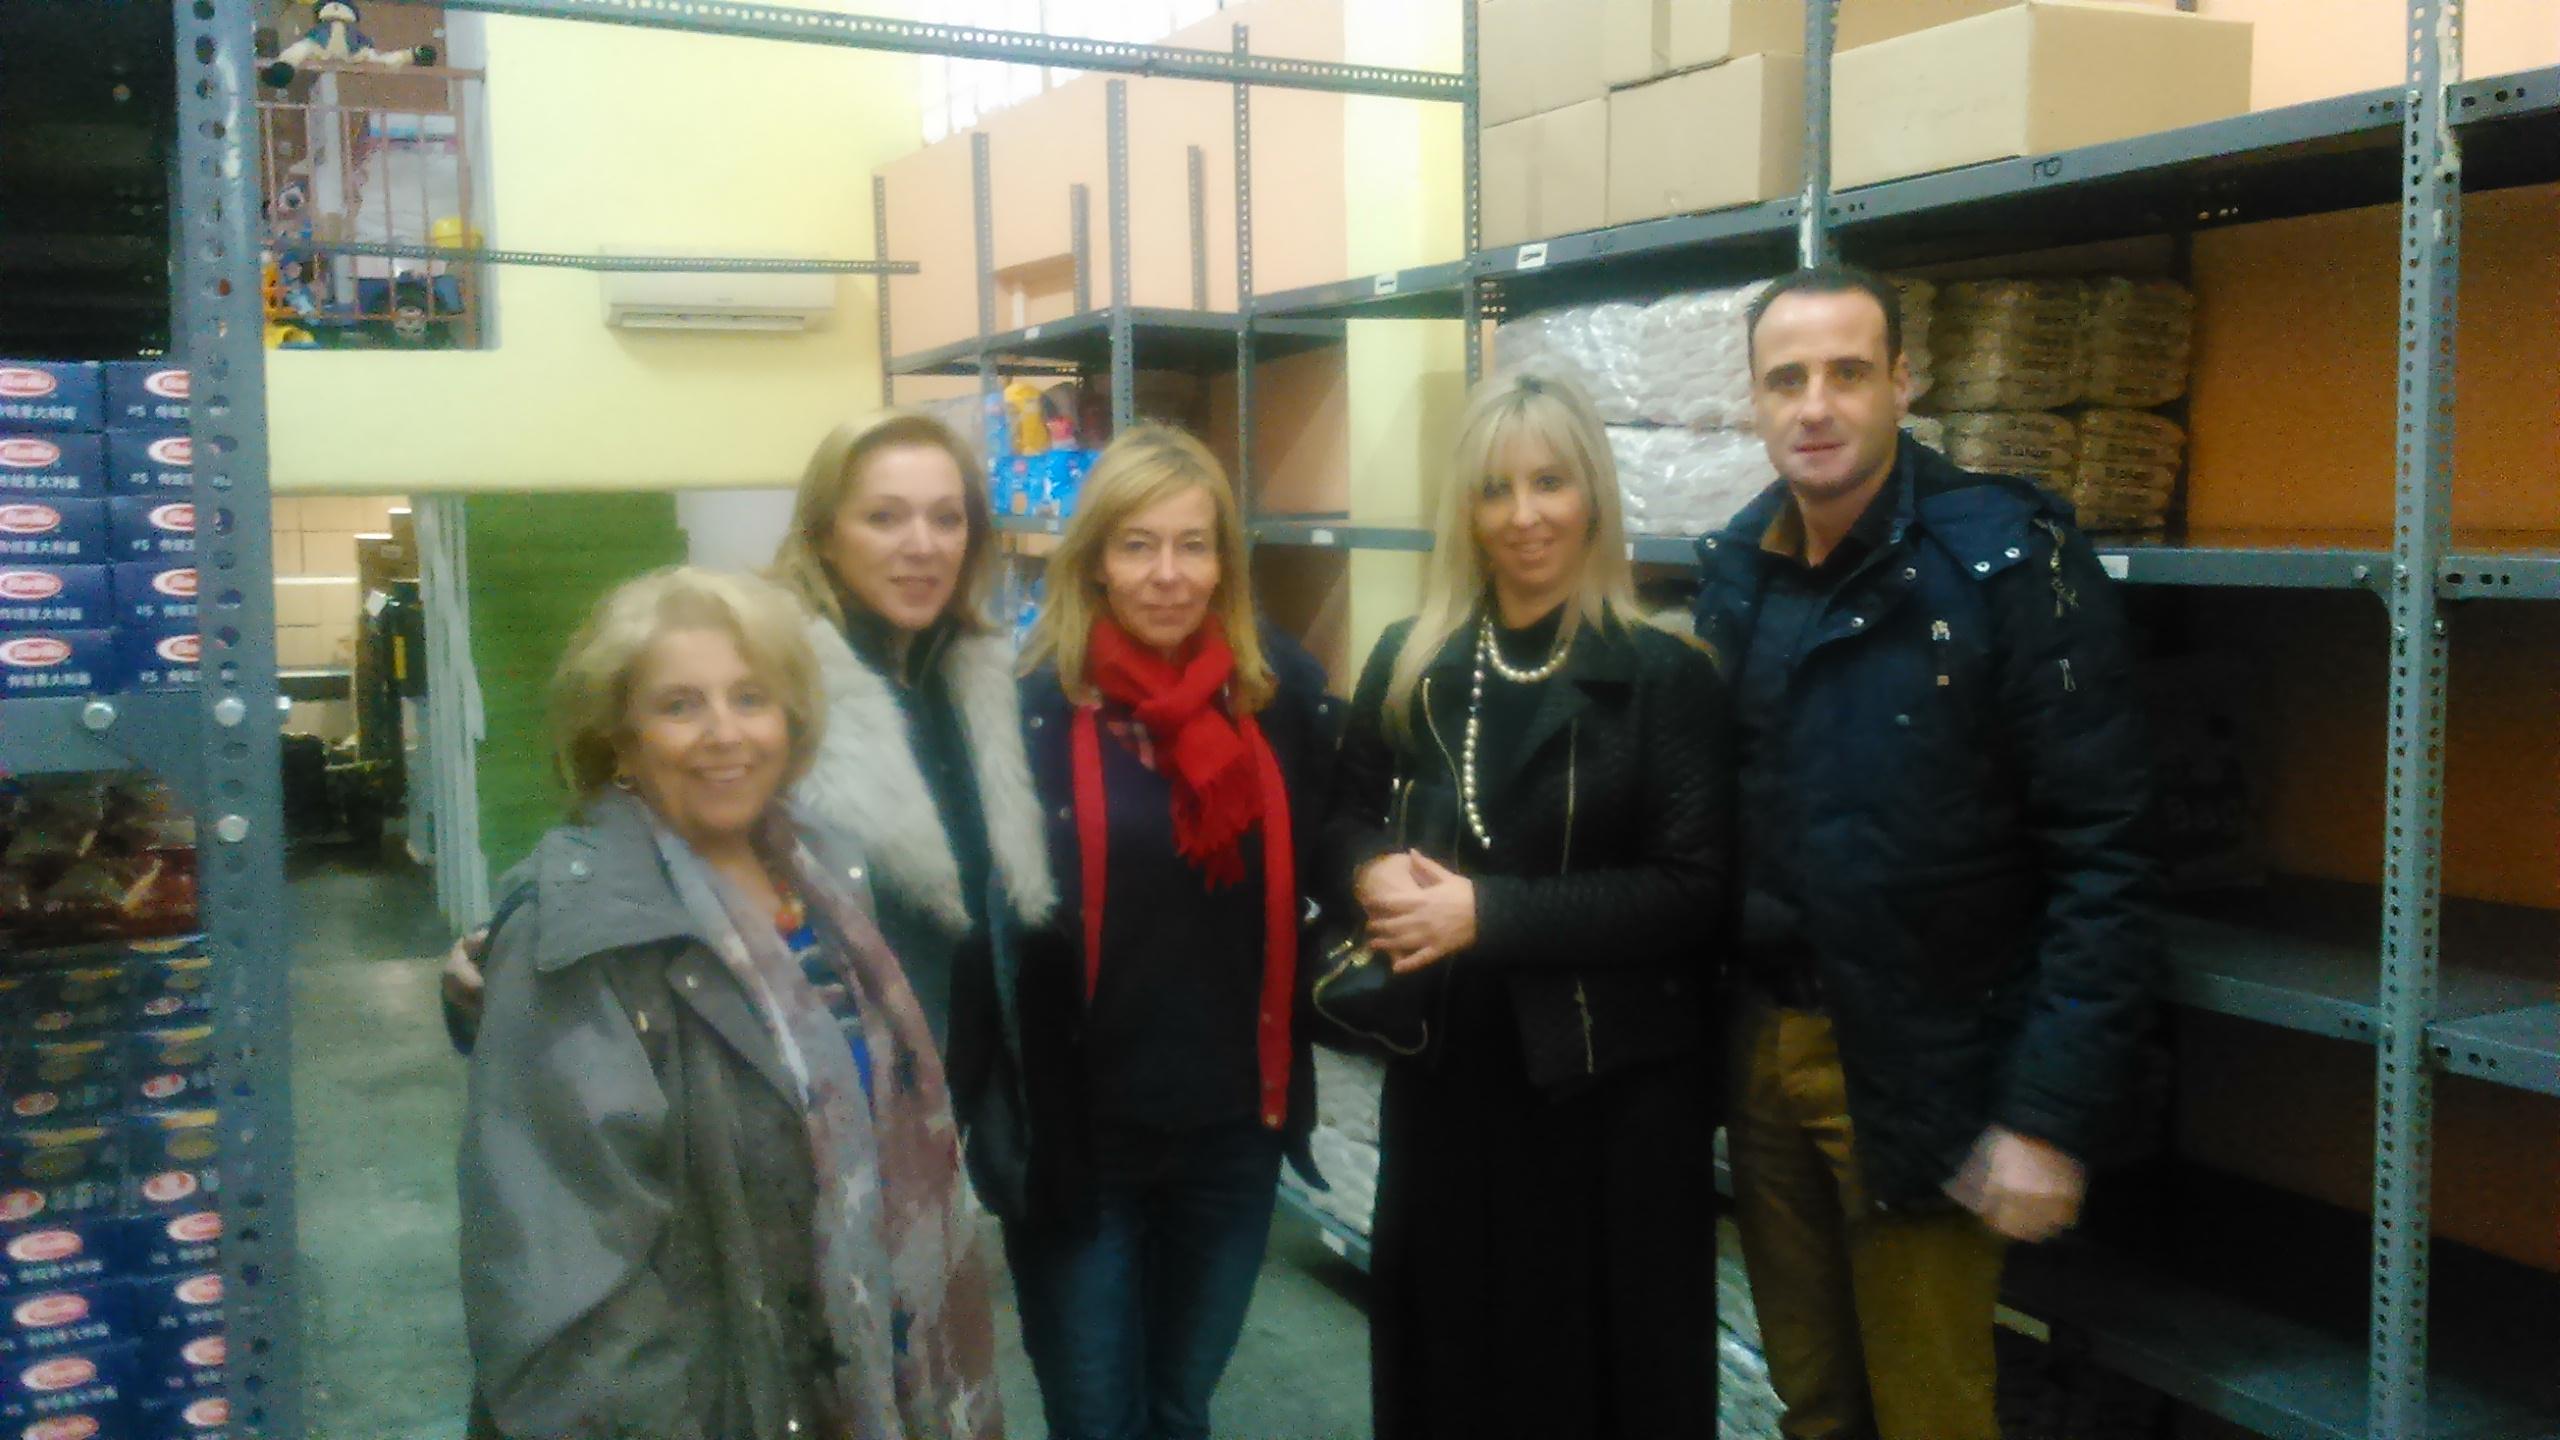 Κοινωνικά Παντοπωλεία – Συσσίτια Δήμος Περιστερίου